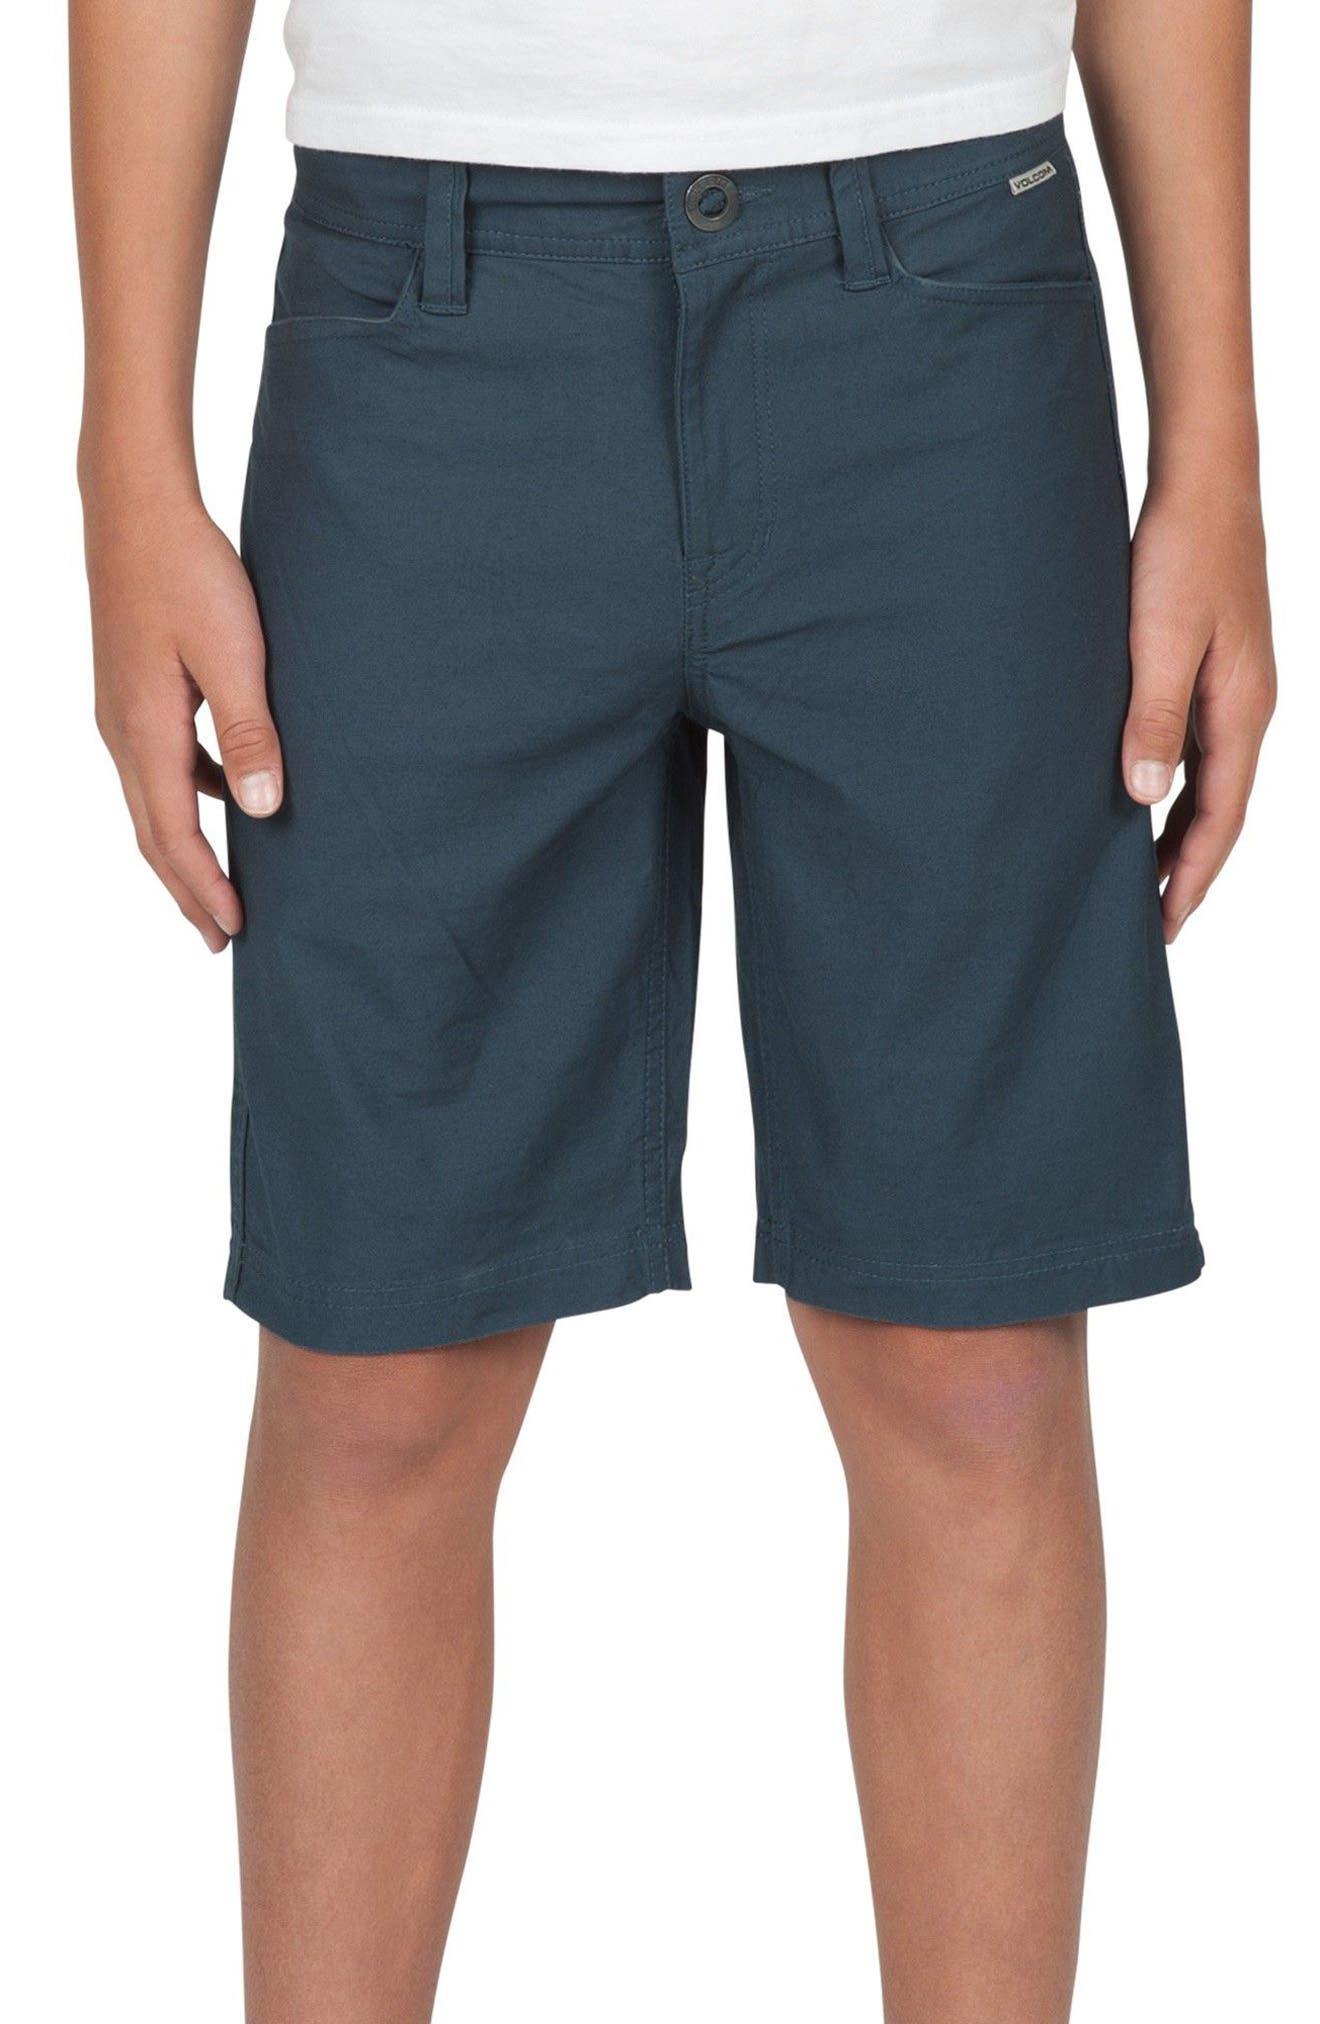 VSM Gritter Chino Shorts,                             Main thumbnail 2, color,